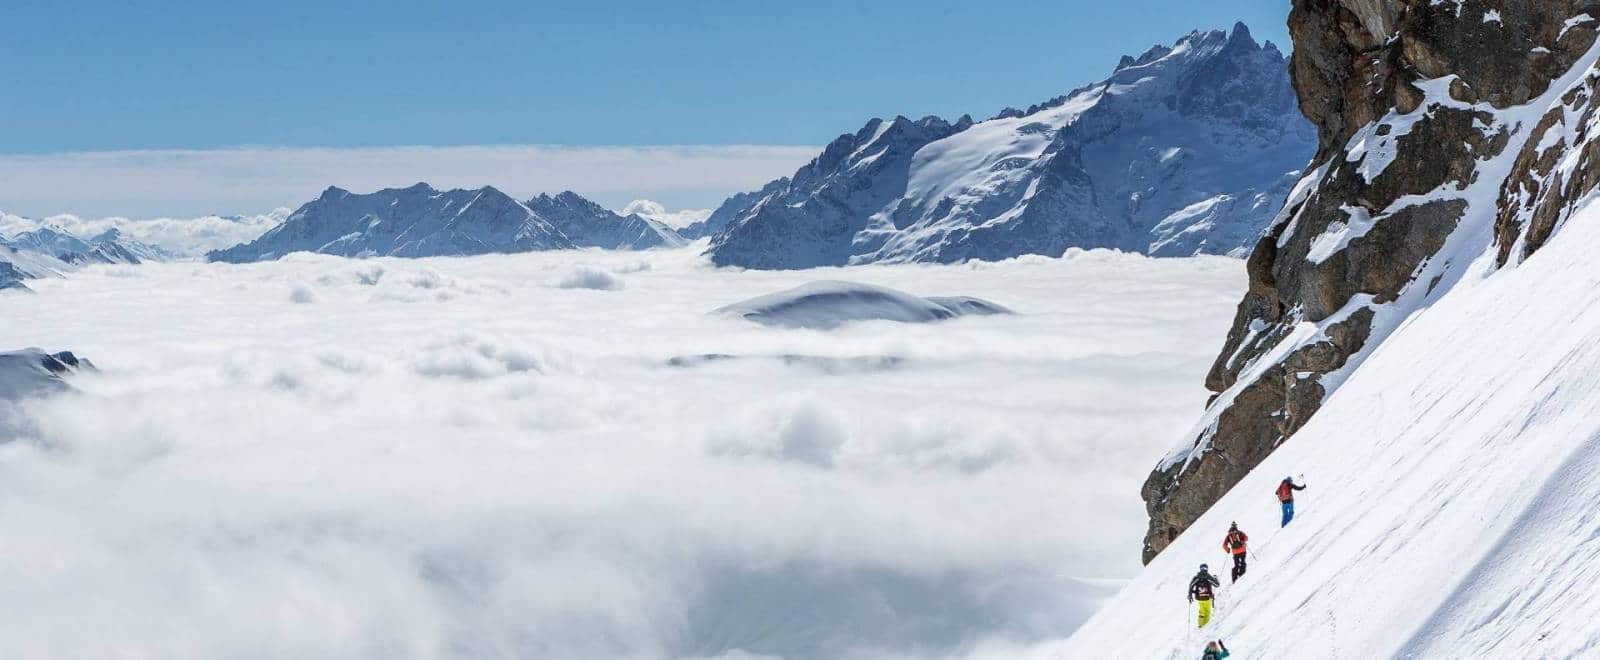 Journée Ski hors piste sur l'Alpe d'Huez - Face à la Meije